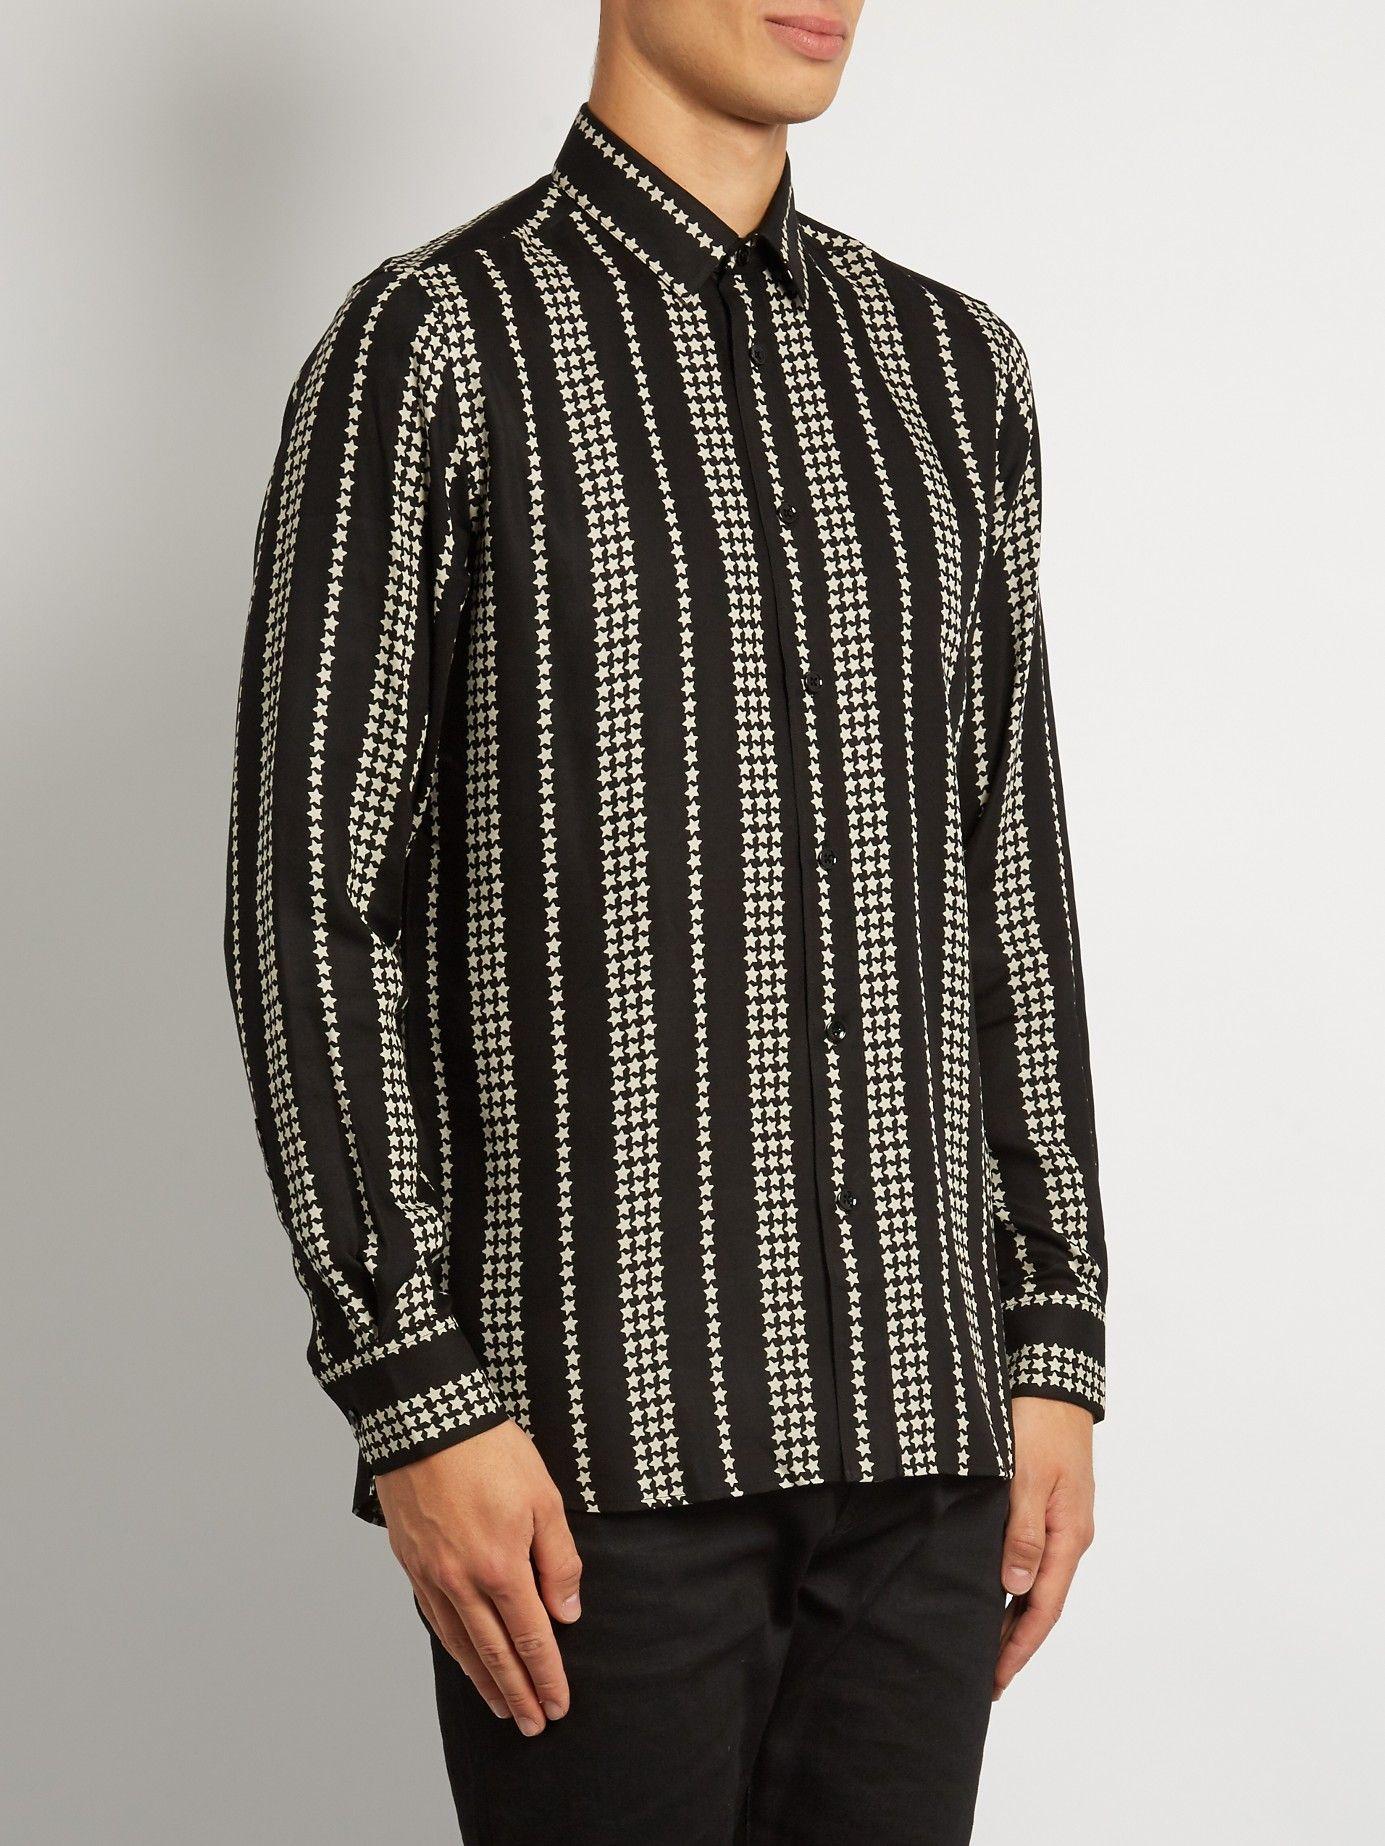 SAINT LAURENT  Striped star-print twill shirt €539